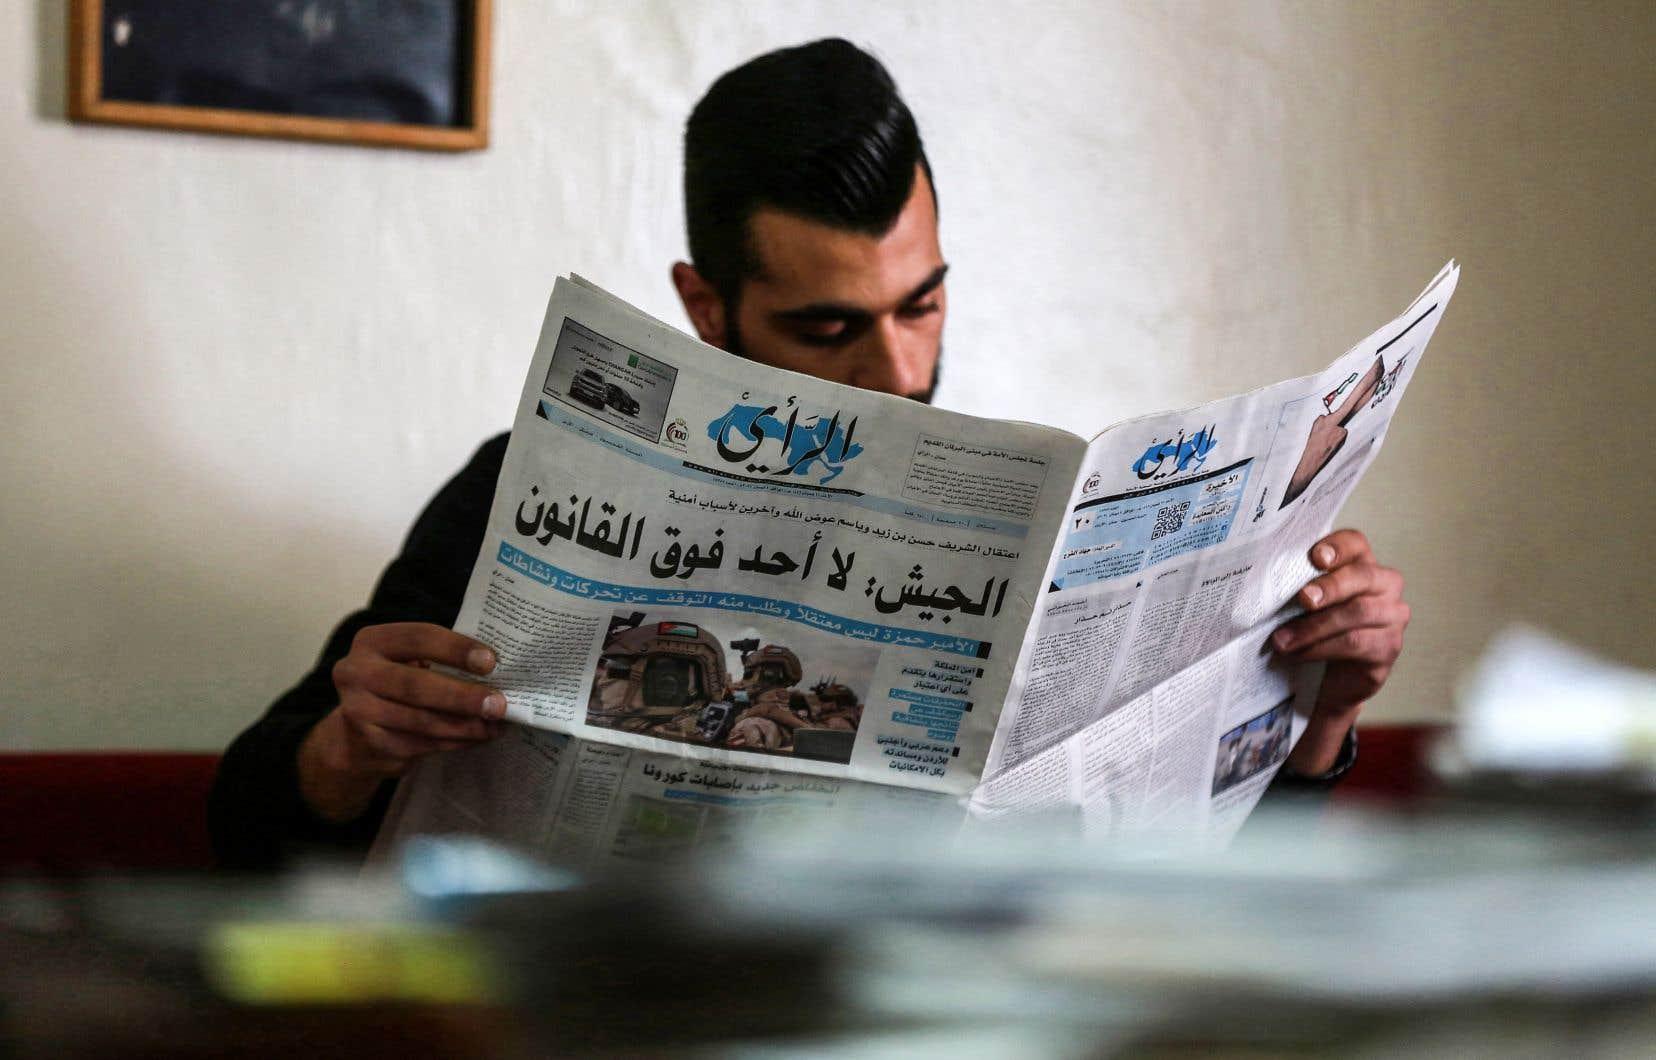 Seul média d'État à commenter cet événement, «Al-Rai» a affirmé dimanche que les intérêts supérieurs, la sécurité et la stabilité du royaume étaient «une ligne rouge» à ne pas franchir. «Nul ne se tient au-dessus de la loi» selon l'armée, peut-on lire en manchette du journal.